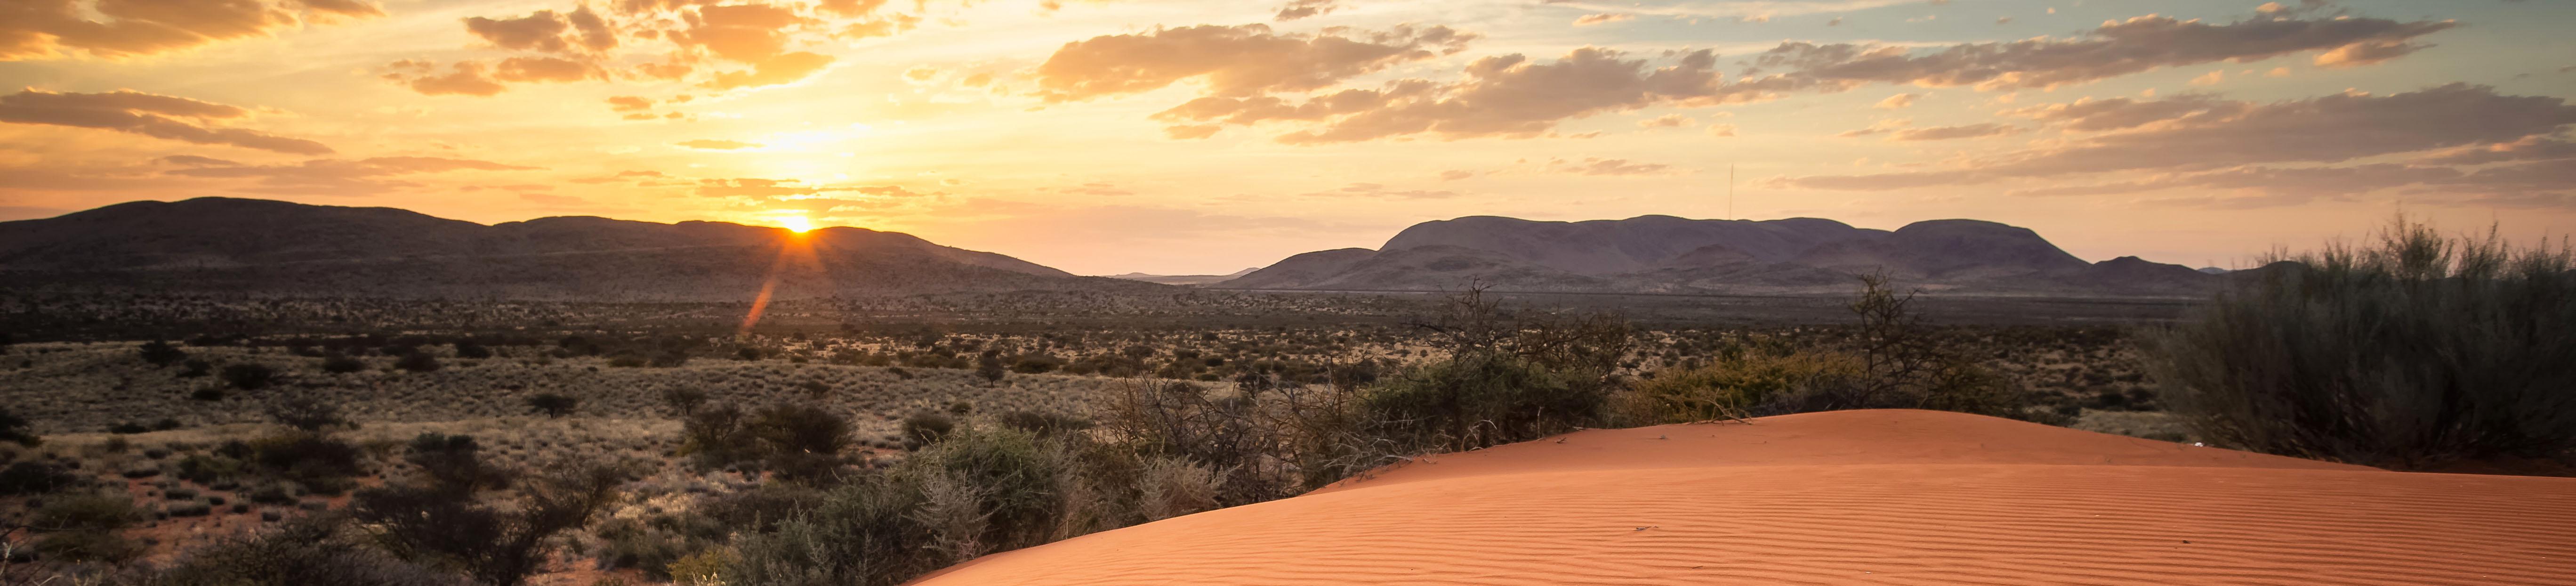 Botswana tourisme